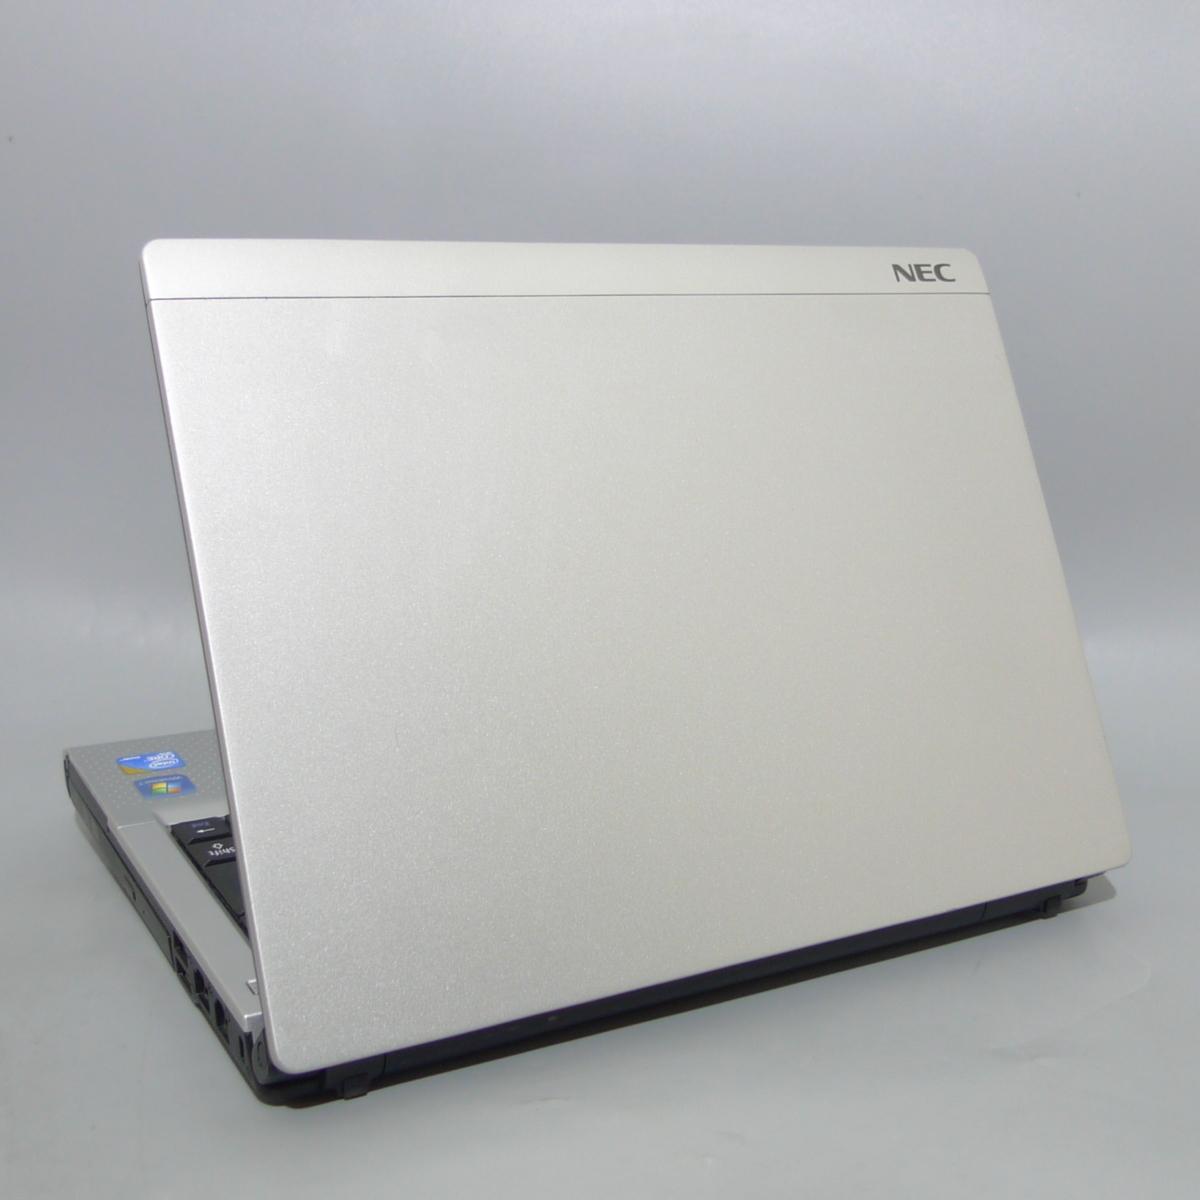 ●送料無料● Windows10 64Bit 搭載 中古 12.1インチ NEC VK13MB-B ノートパソコン Core i5 2GB 無線LAN Office2010 税無_画像7